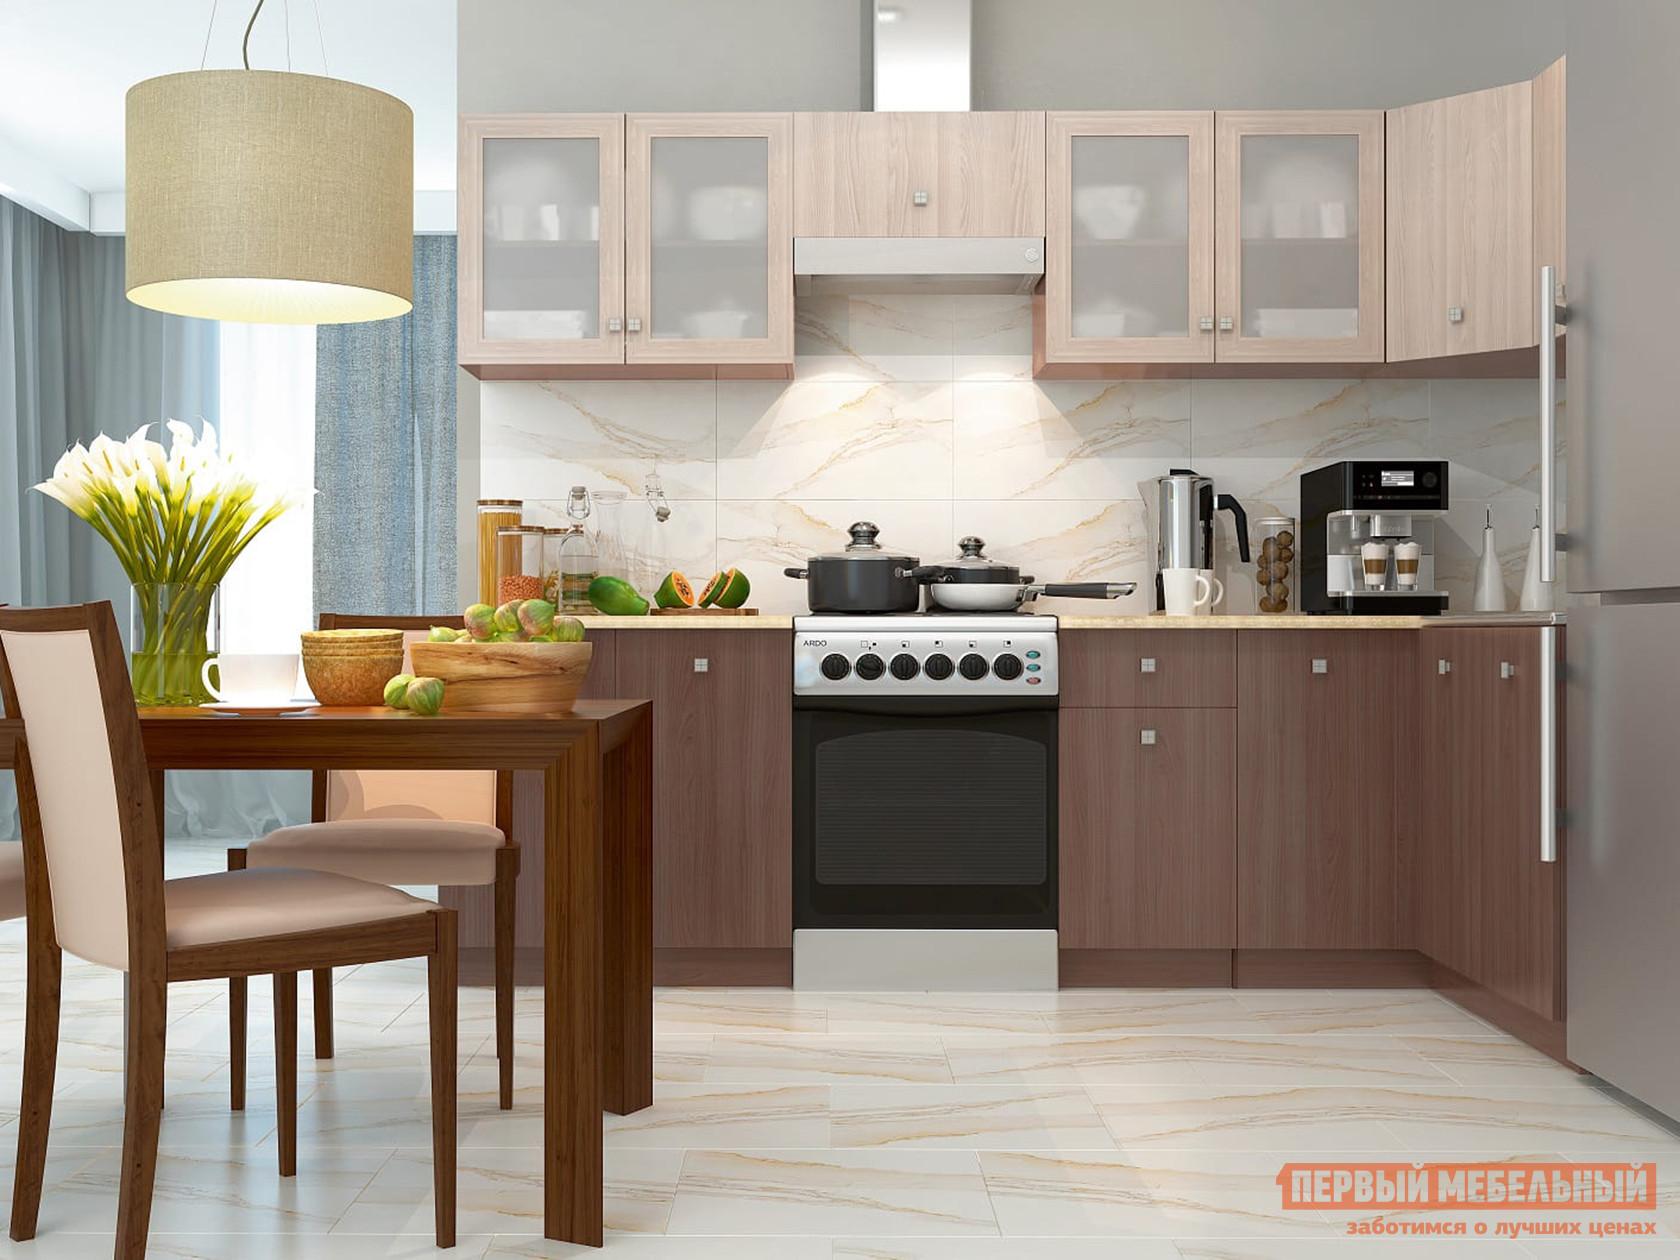 Угловой кухонный гарнитур Первый Мебельный Дели 280 х 120 см кухонный гарнитур трия фэнтези 4 300 х 130 см